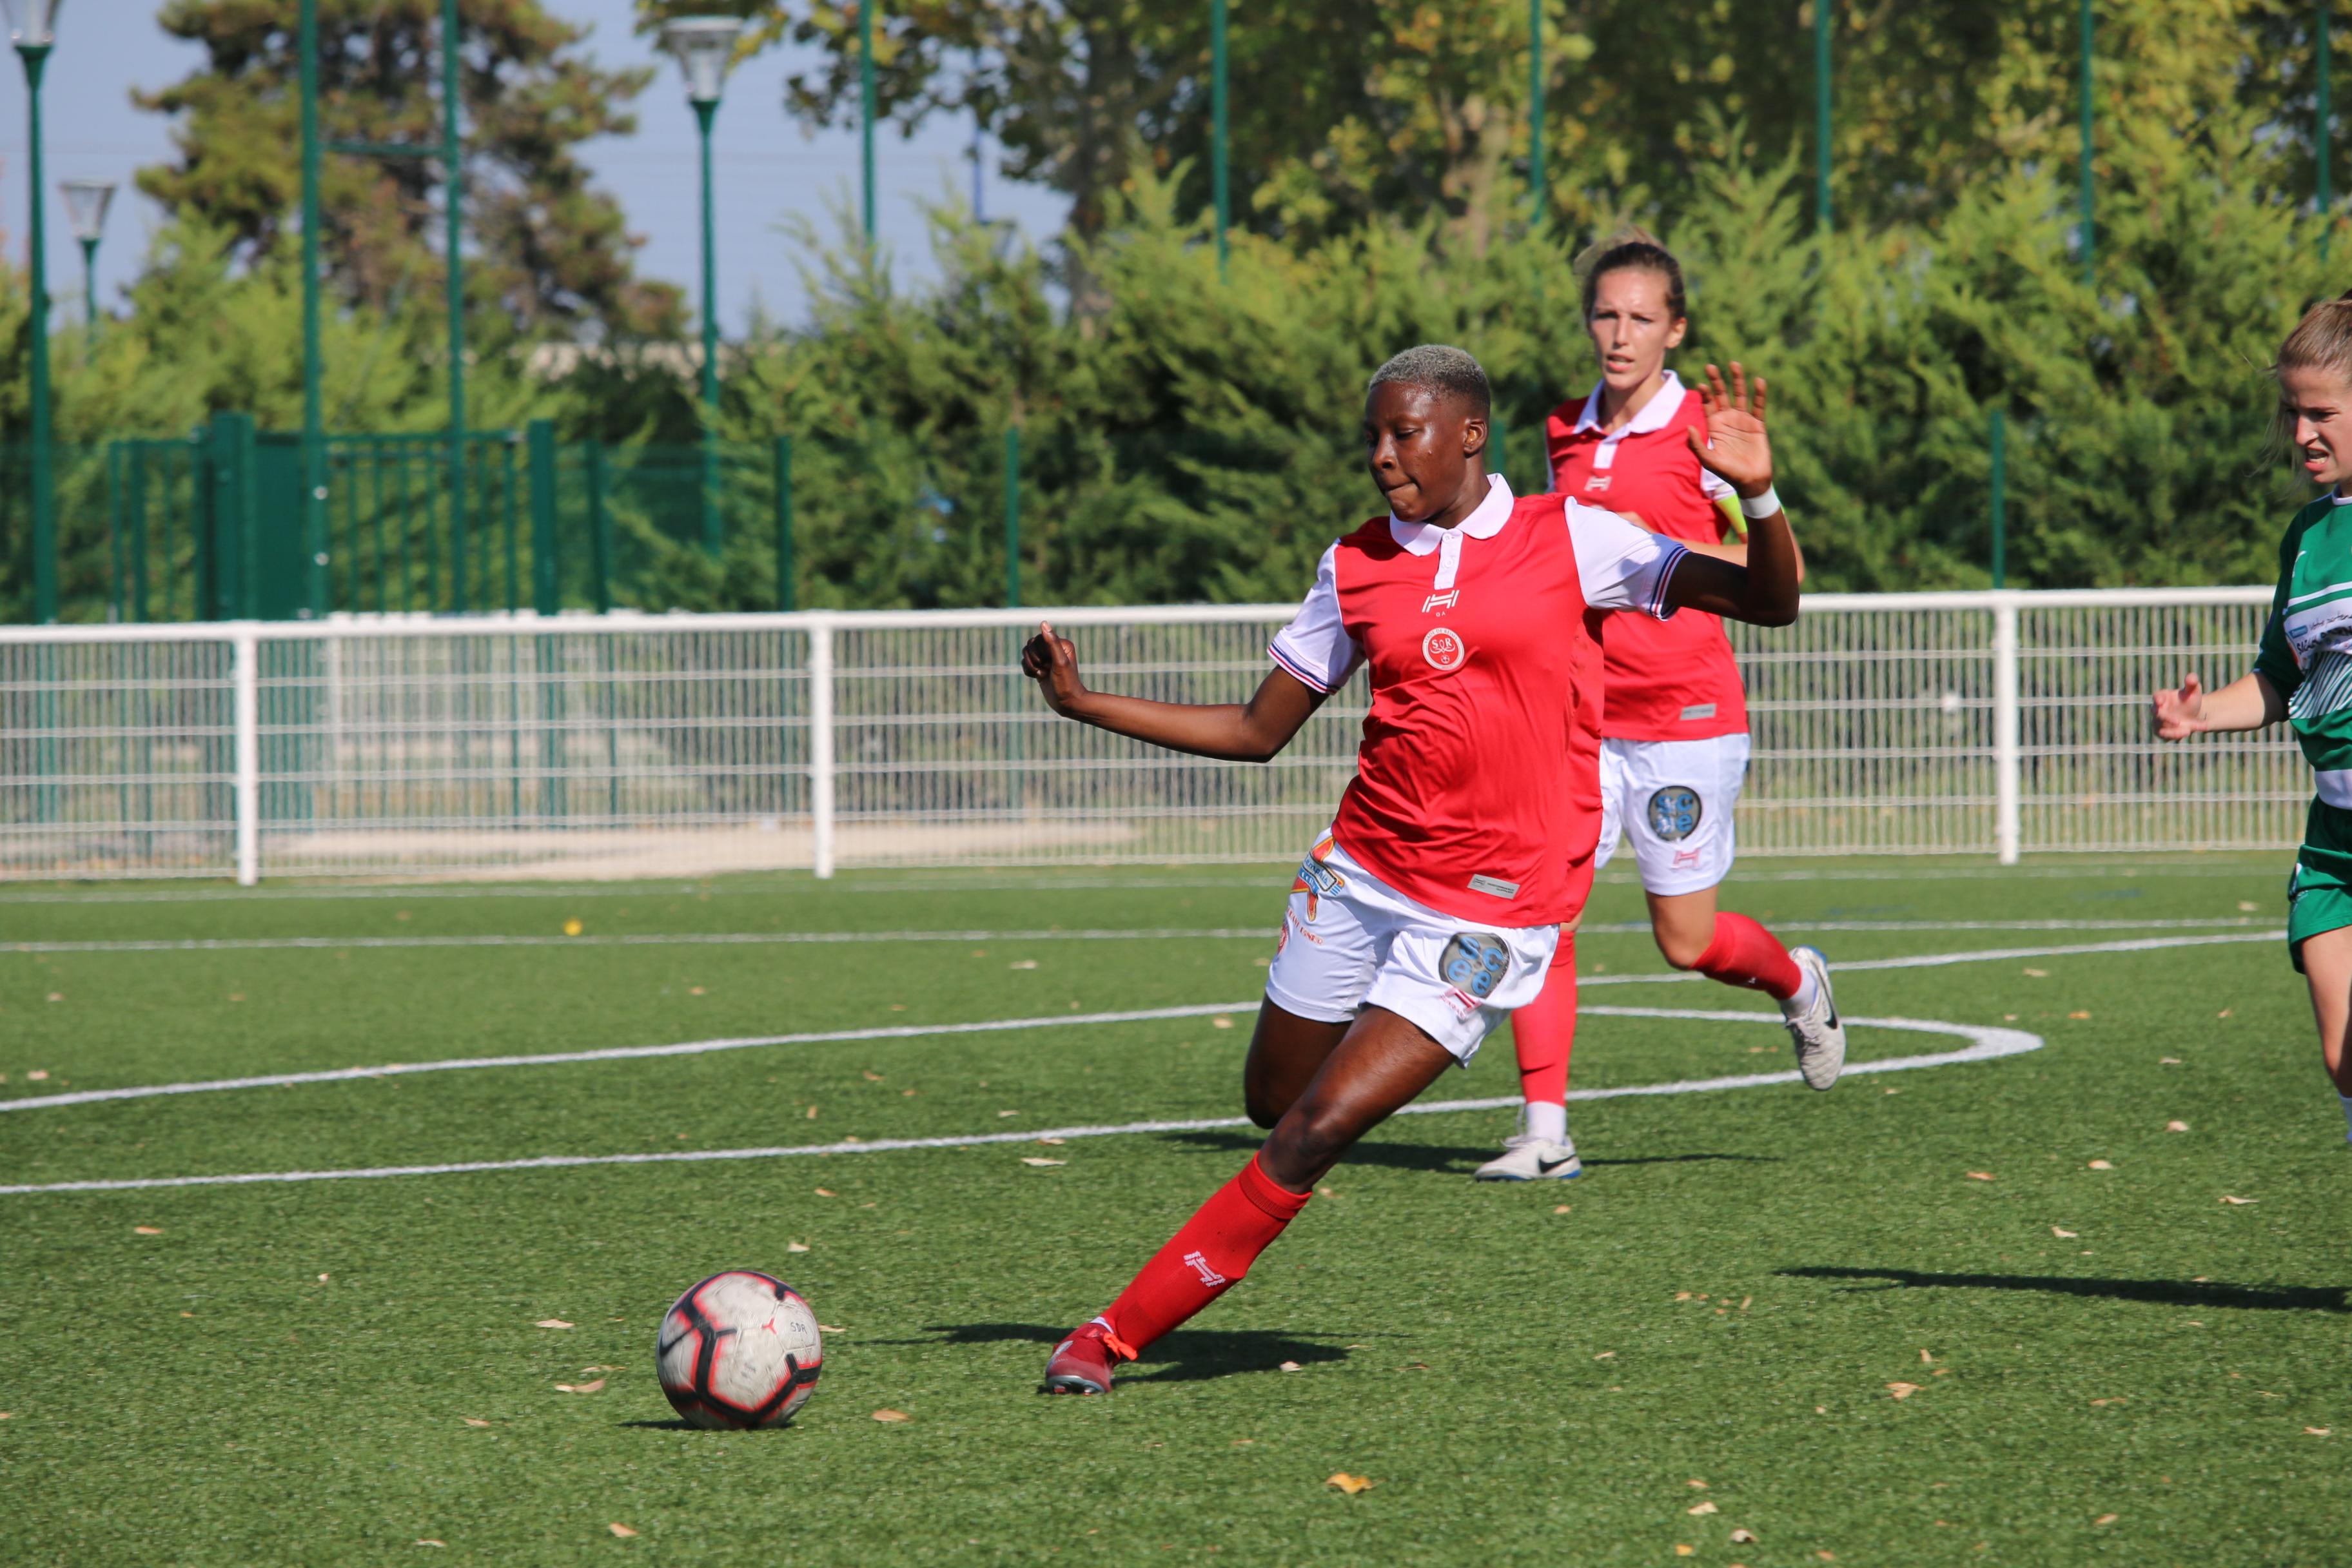 Le Stade De Reims Feminin Contre Jeanne D Arc Drancy Sport Club